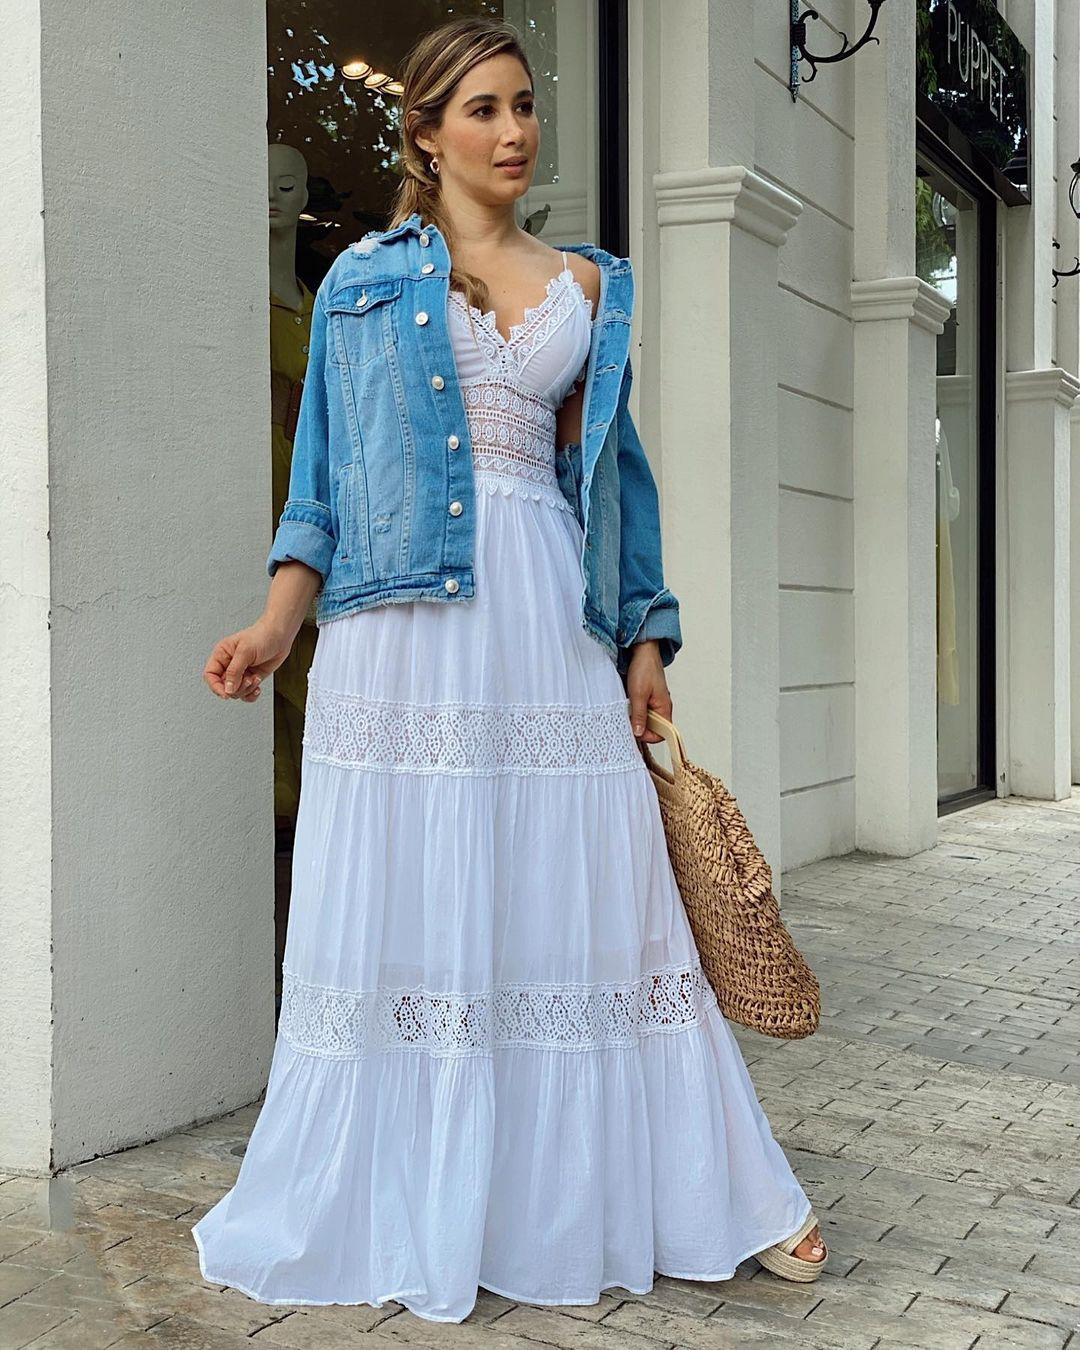 Diseños de maxi vestidos casuales